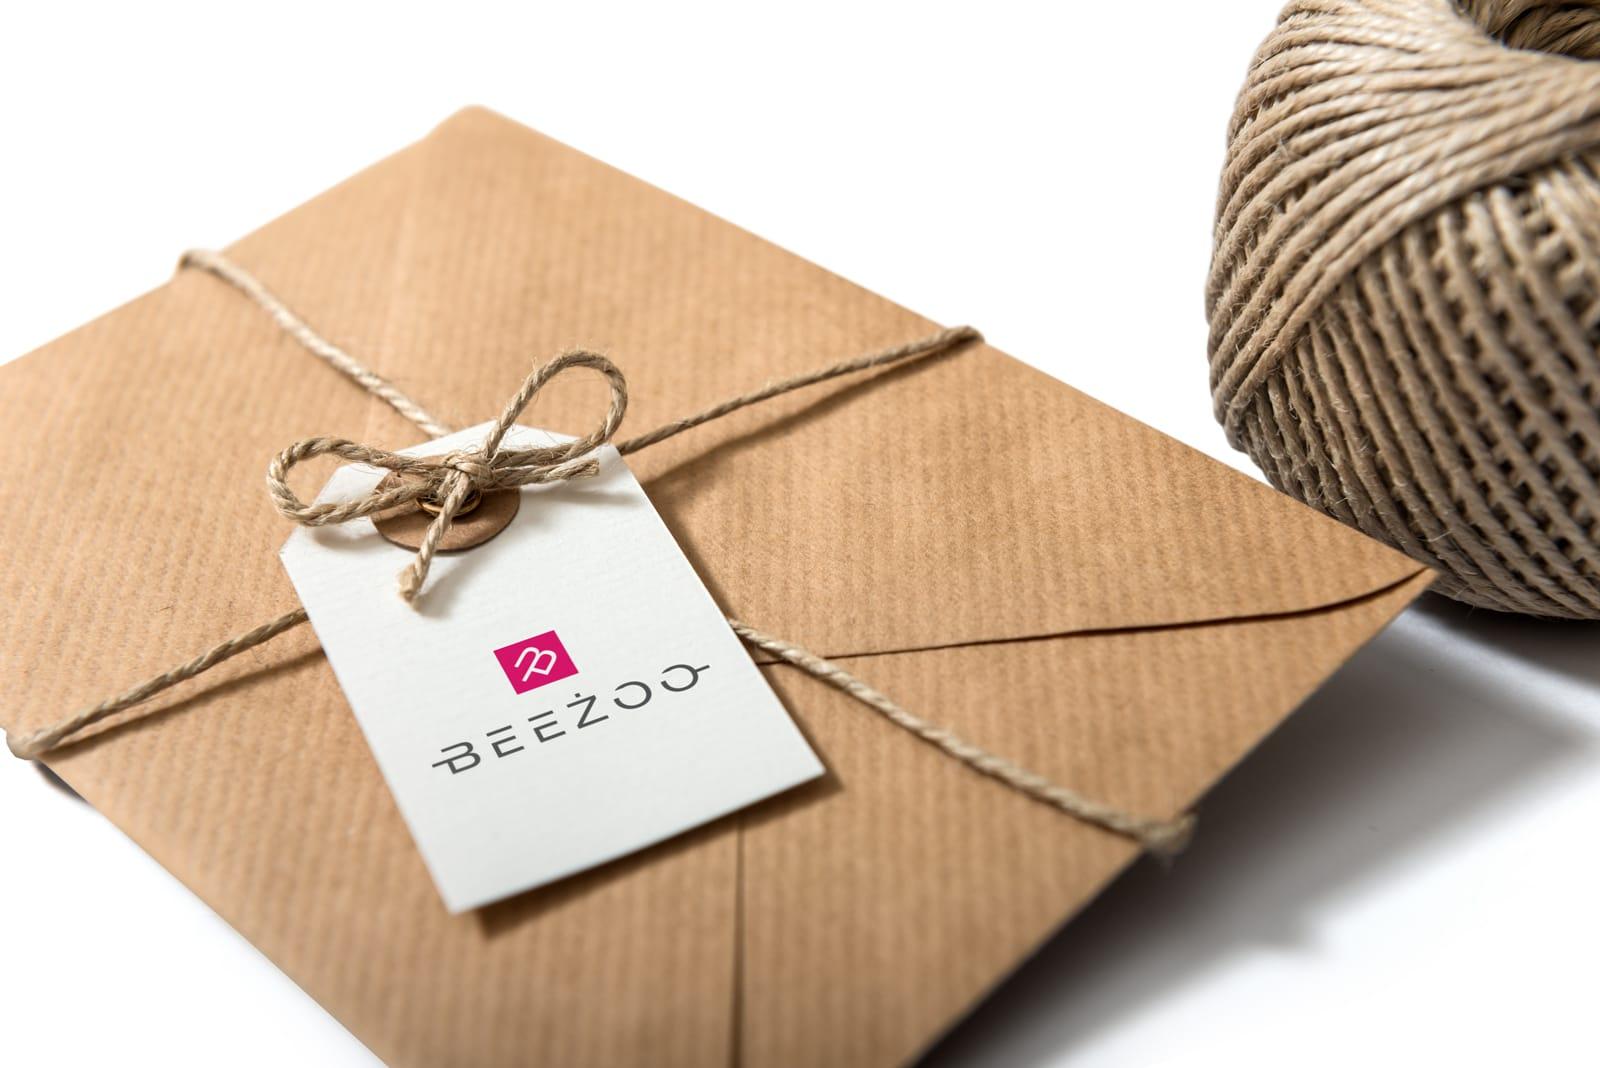 Beeżoo projektowanie logo firmowych identyfikacje wizualne Agencja brandingowa Moweli Creative